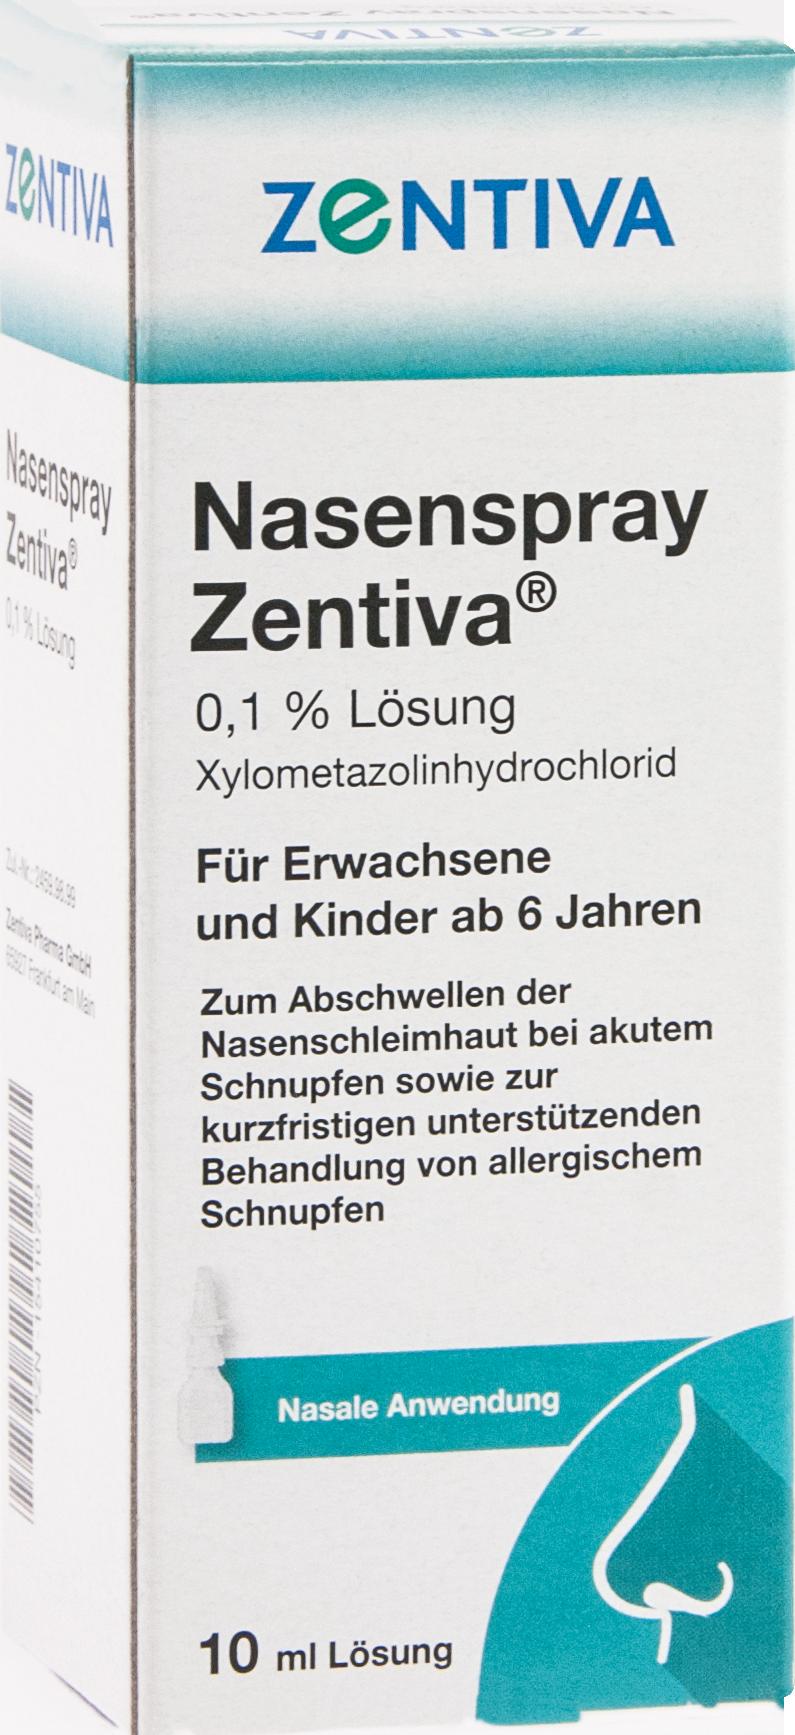 Nasenspray Zentiva